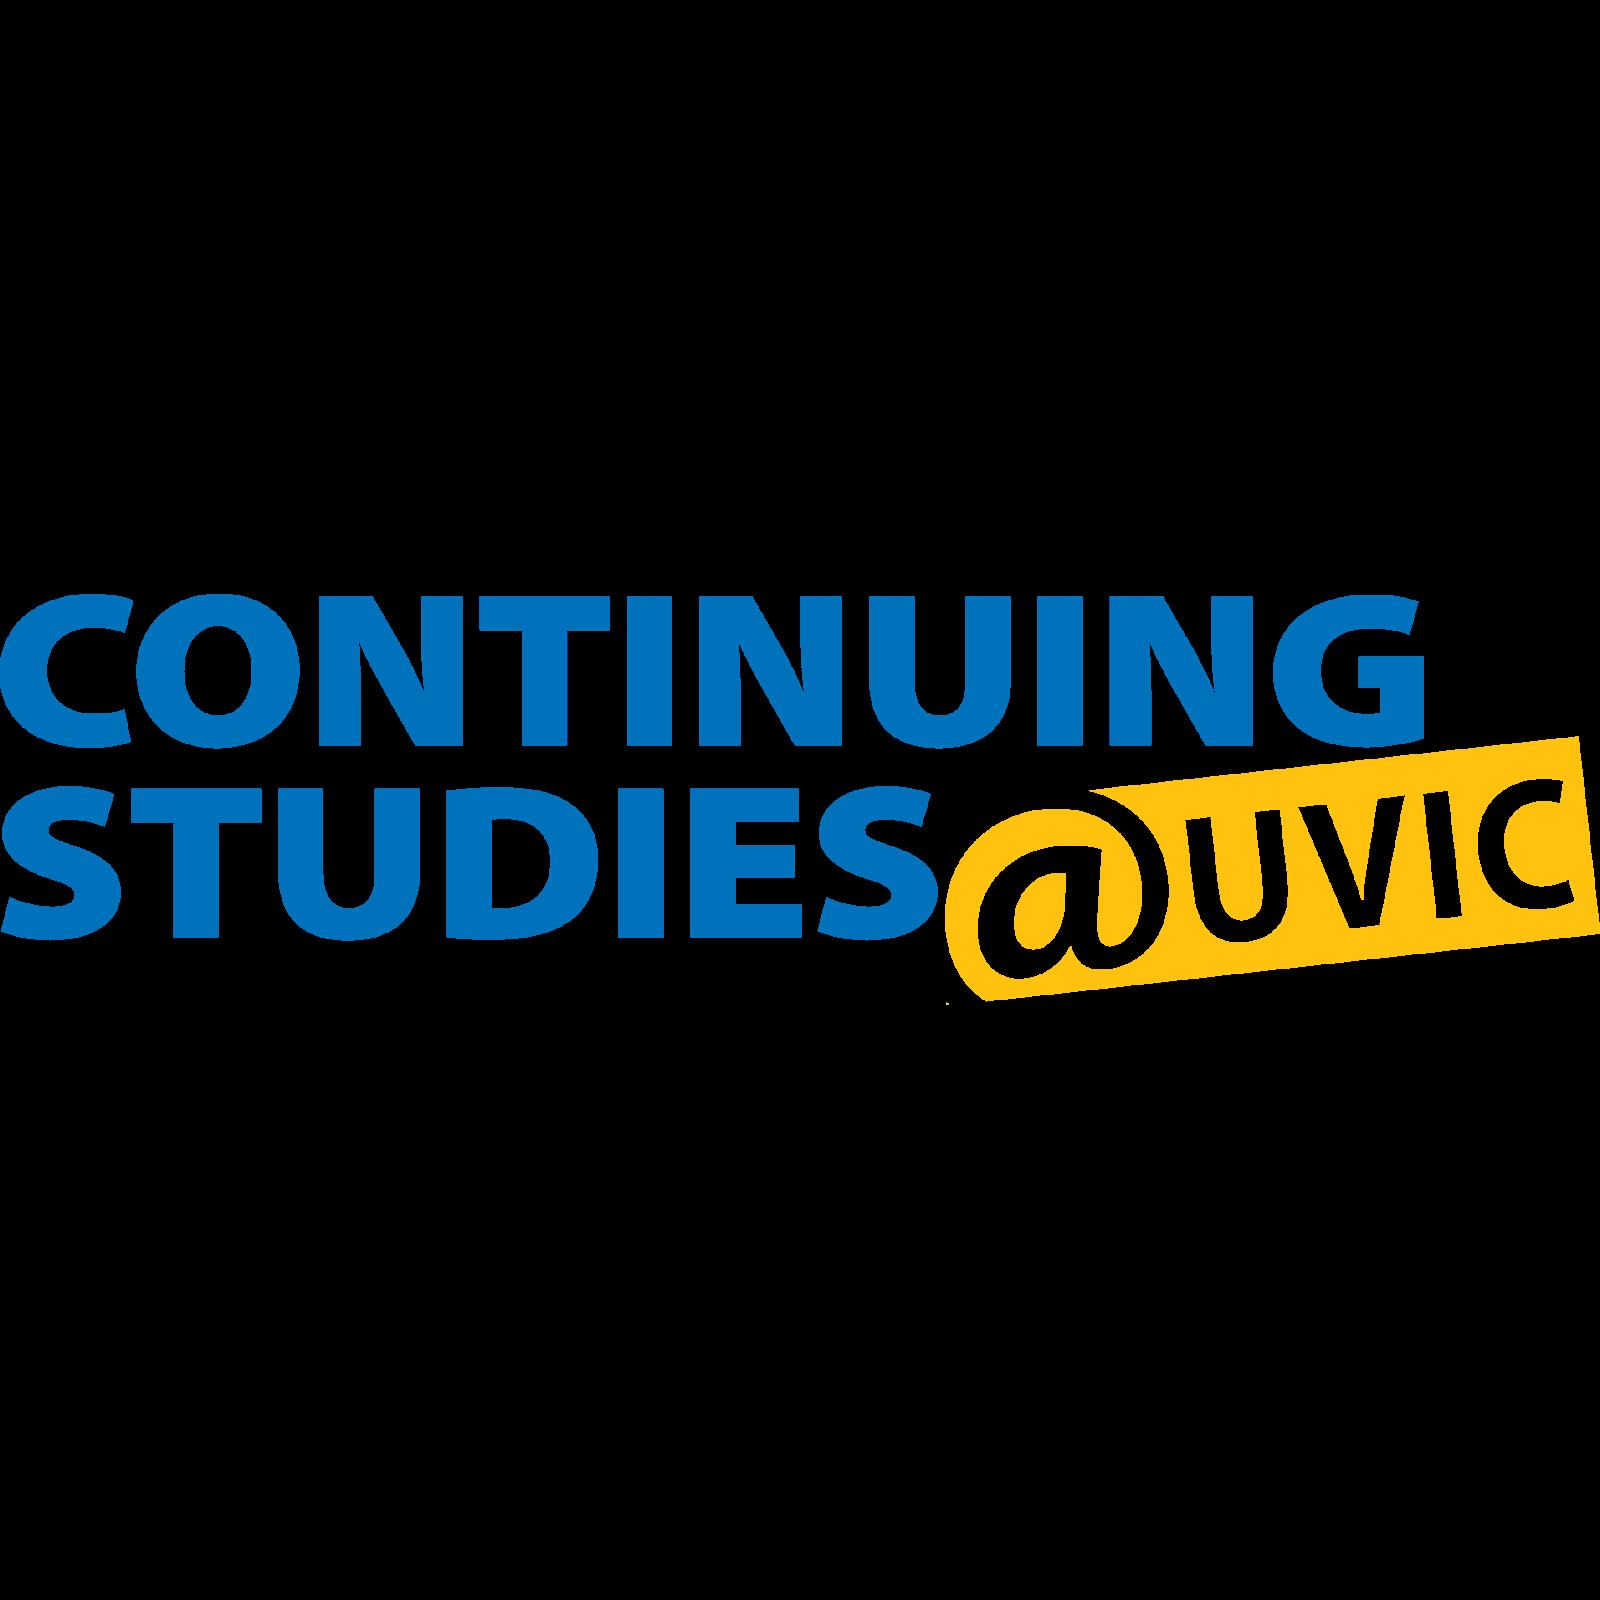 UVic Division of Continuing Studies